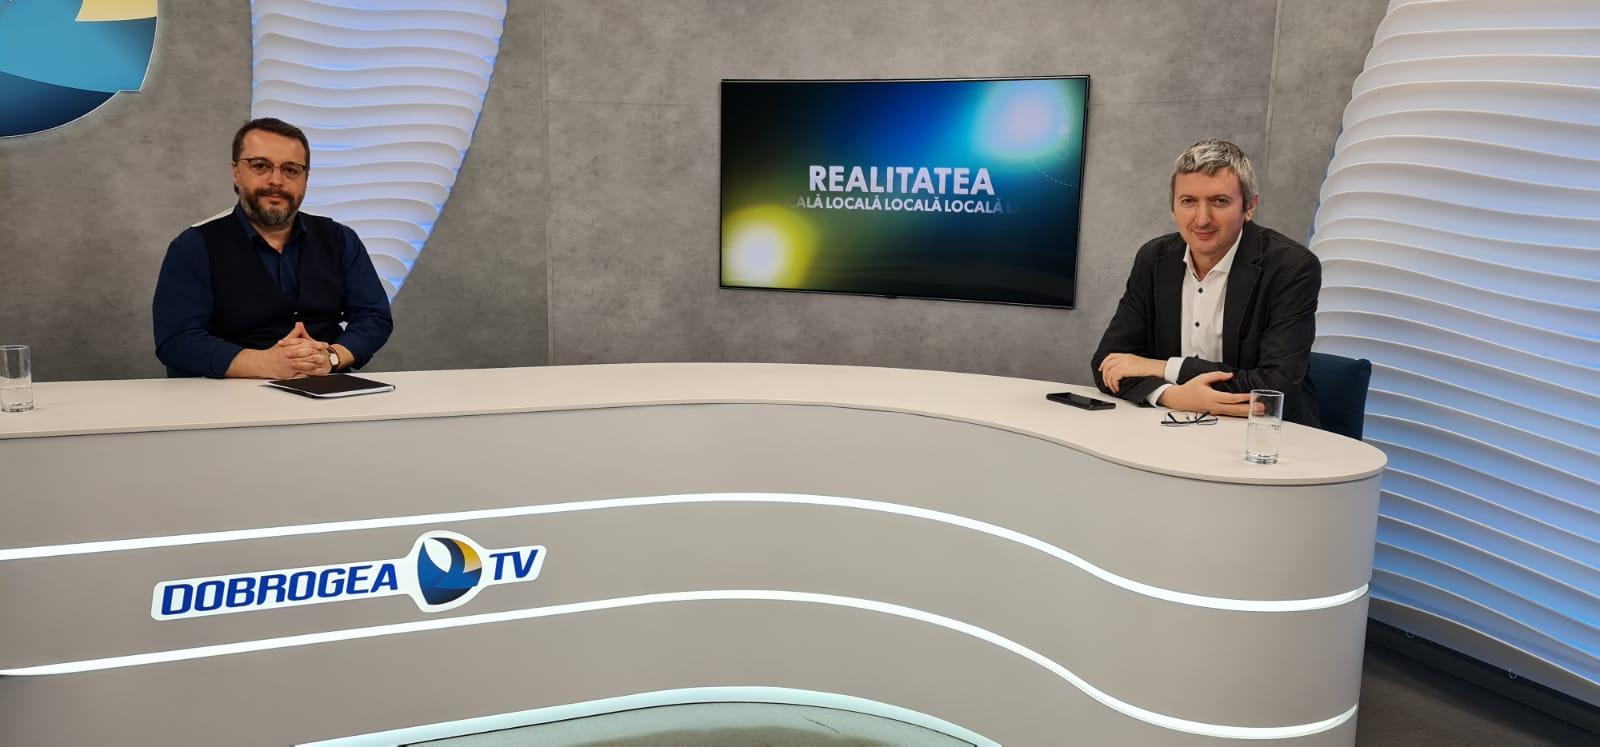 Viceprimarul Ionuț Rusu în platoul Dobrogea TV, alături de moderatorul emisiunii, Cristian Hagi